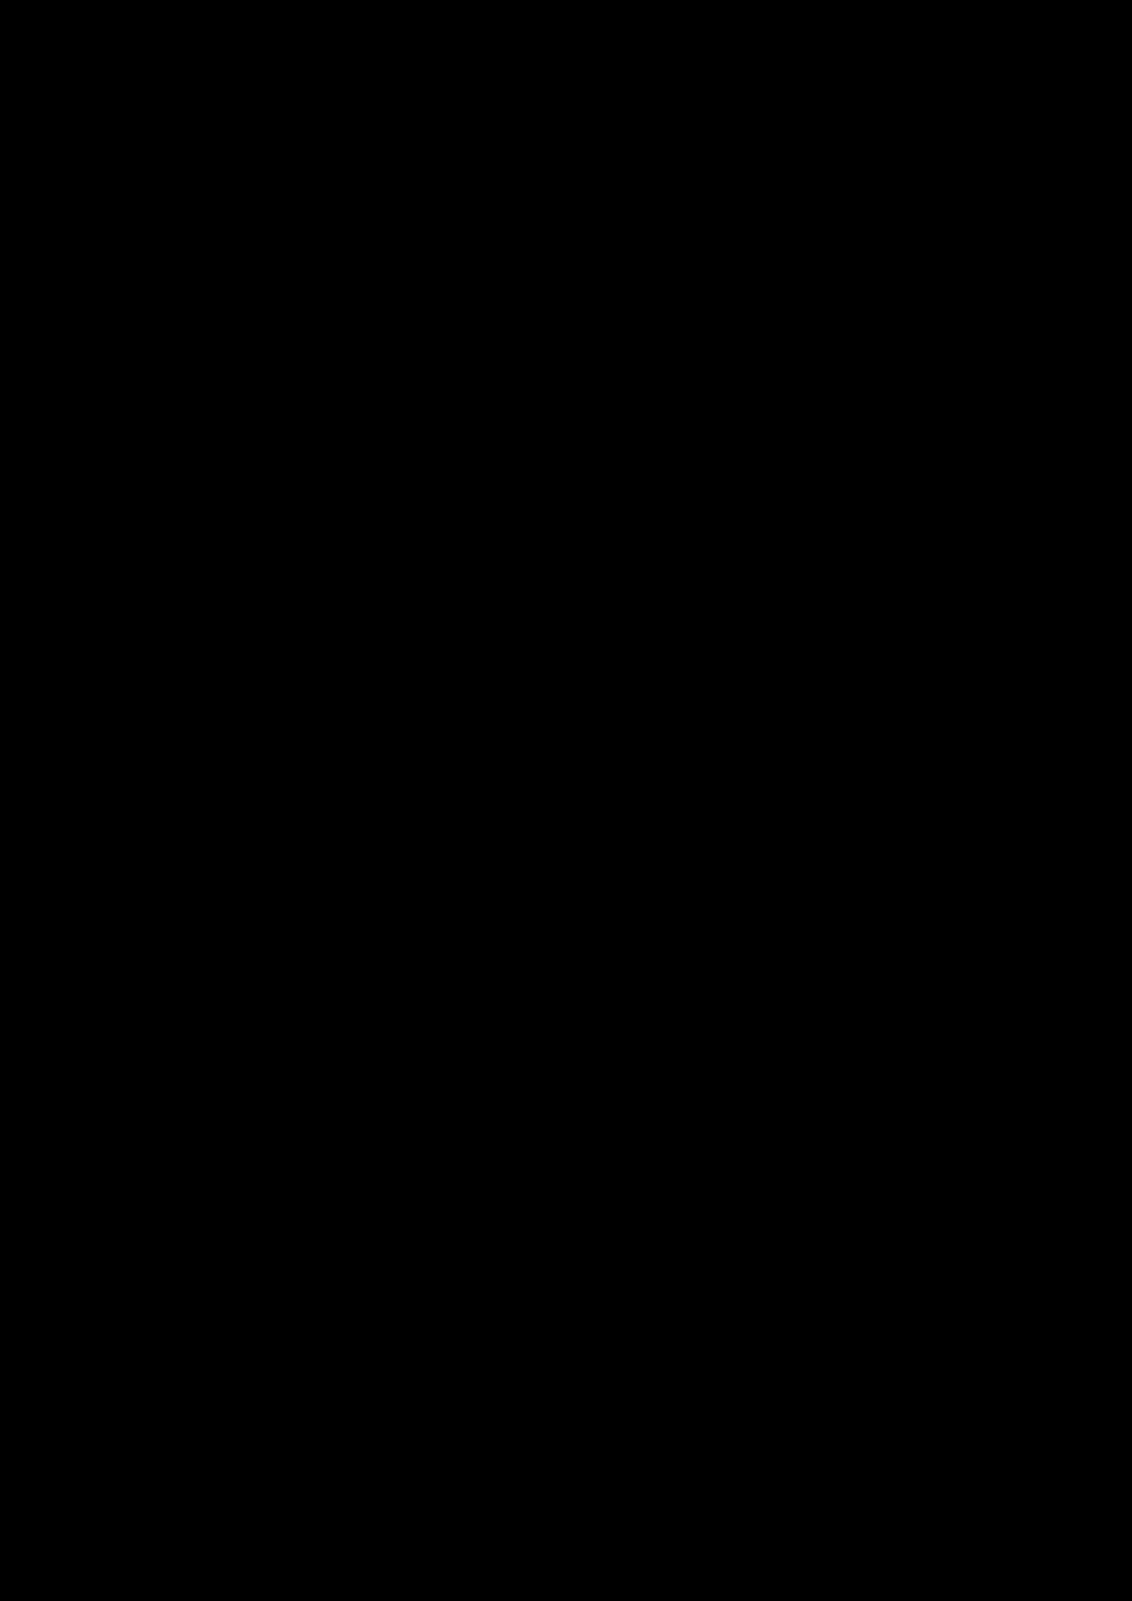 Zagadka volshebnoy stranyi slide, Image 92